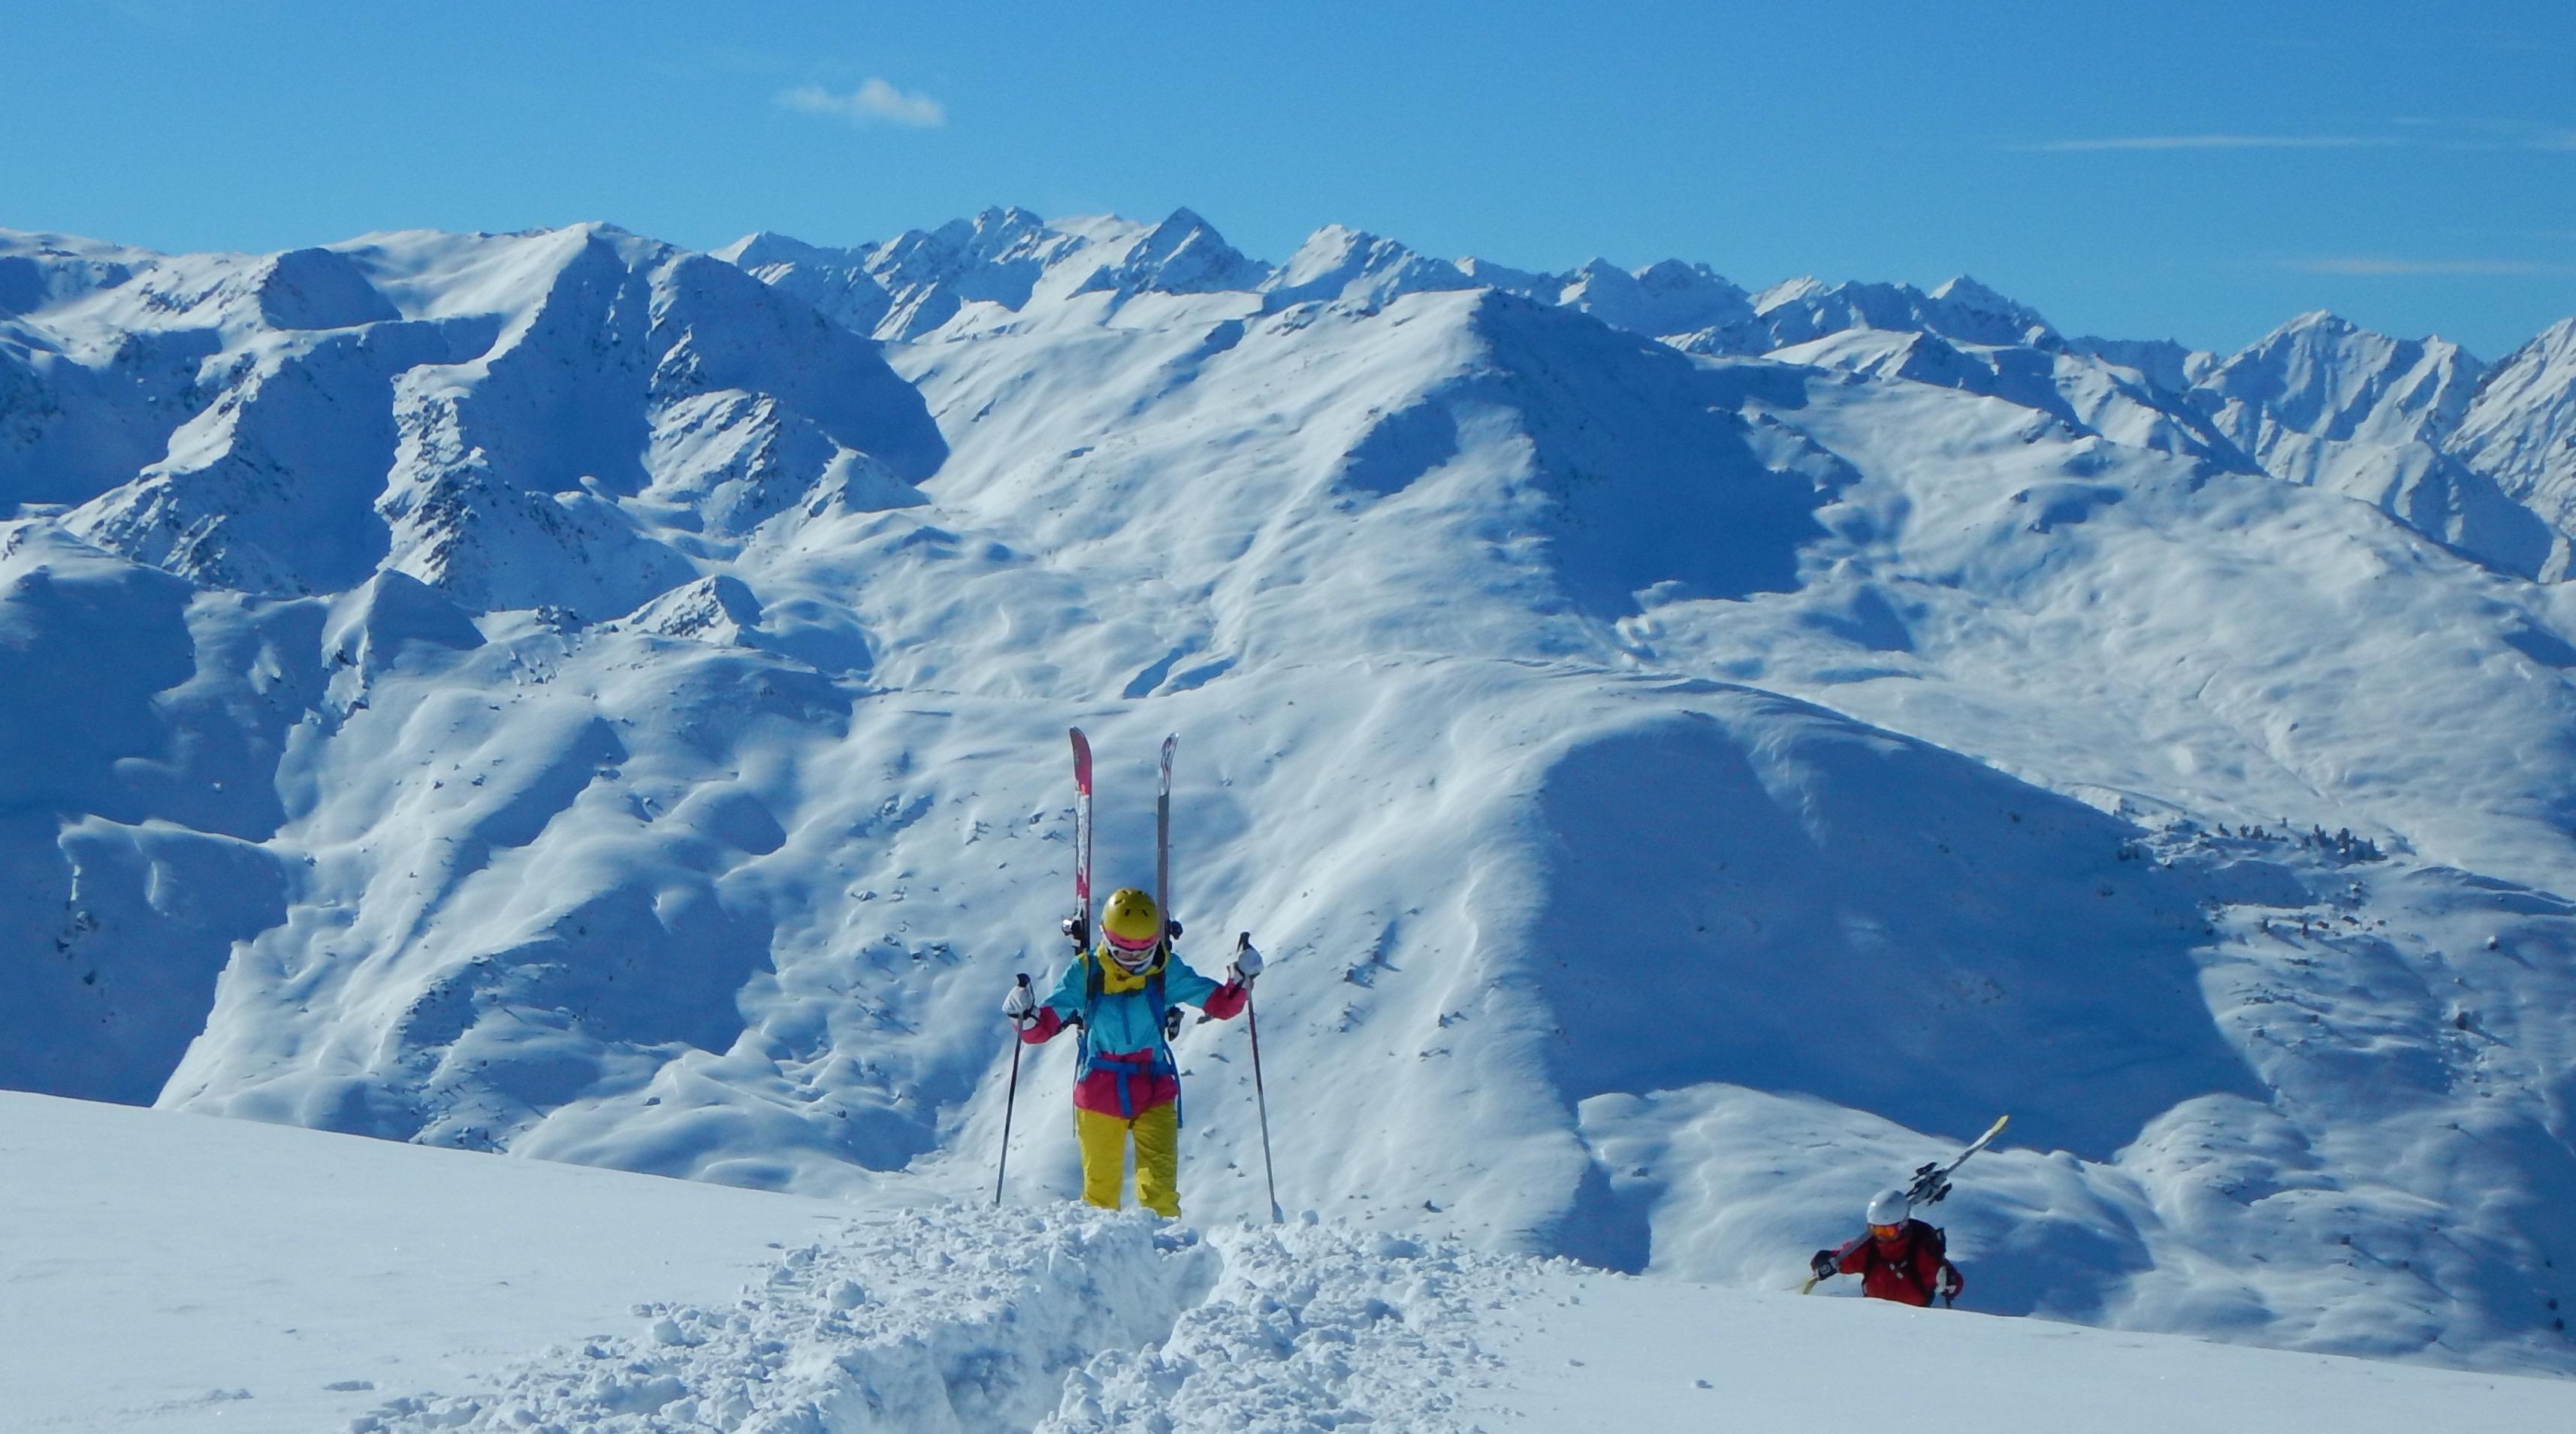 off-piste Skifahren (Tourenski) beim Winterkurs